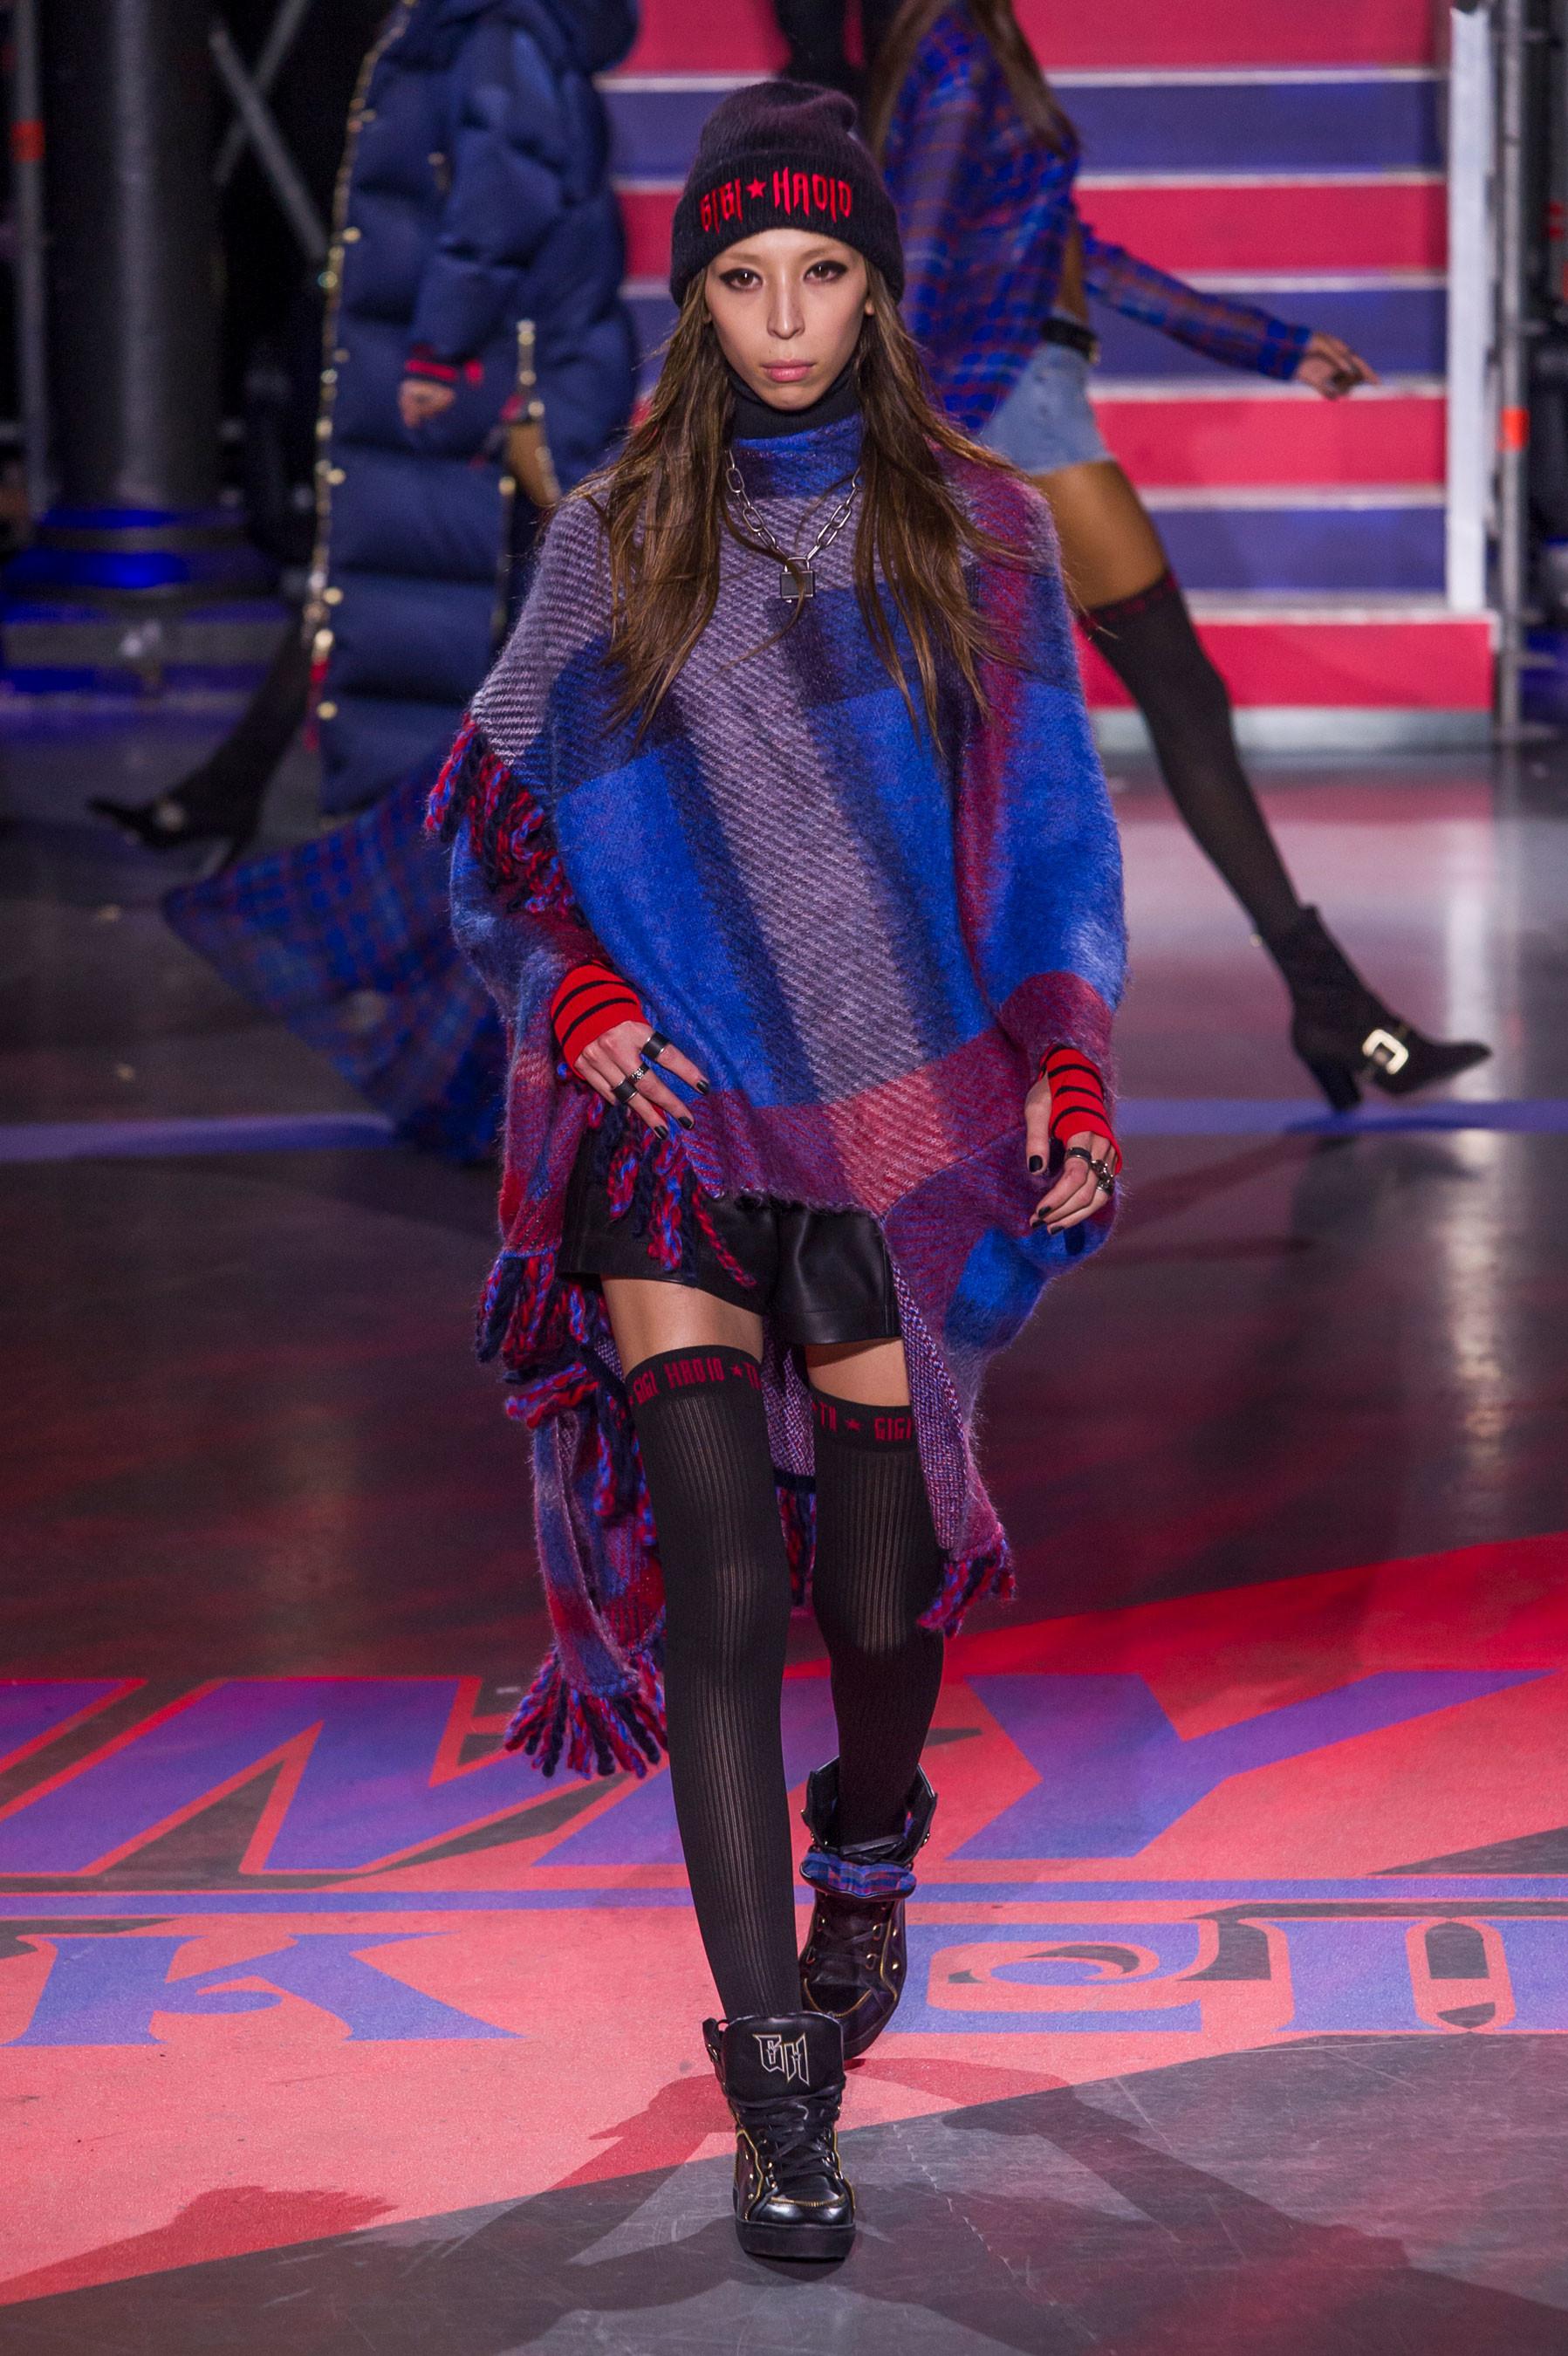 Gigi Hadid protagonista del circo de Tommy Hilfiger